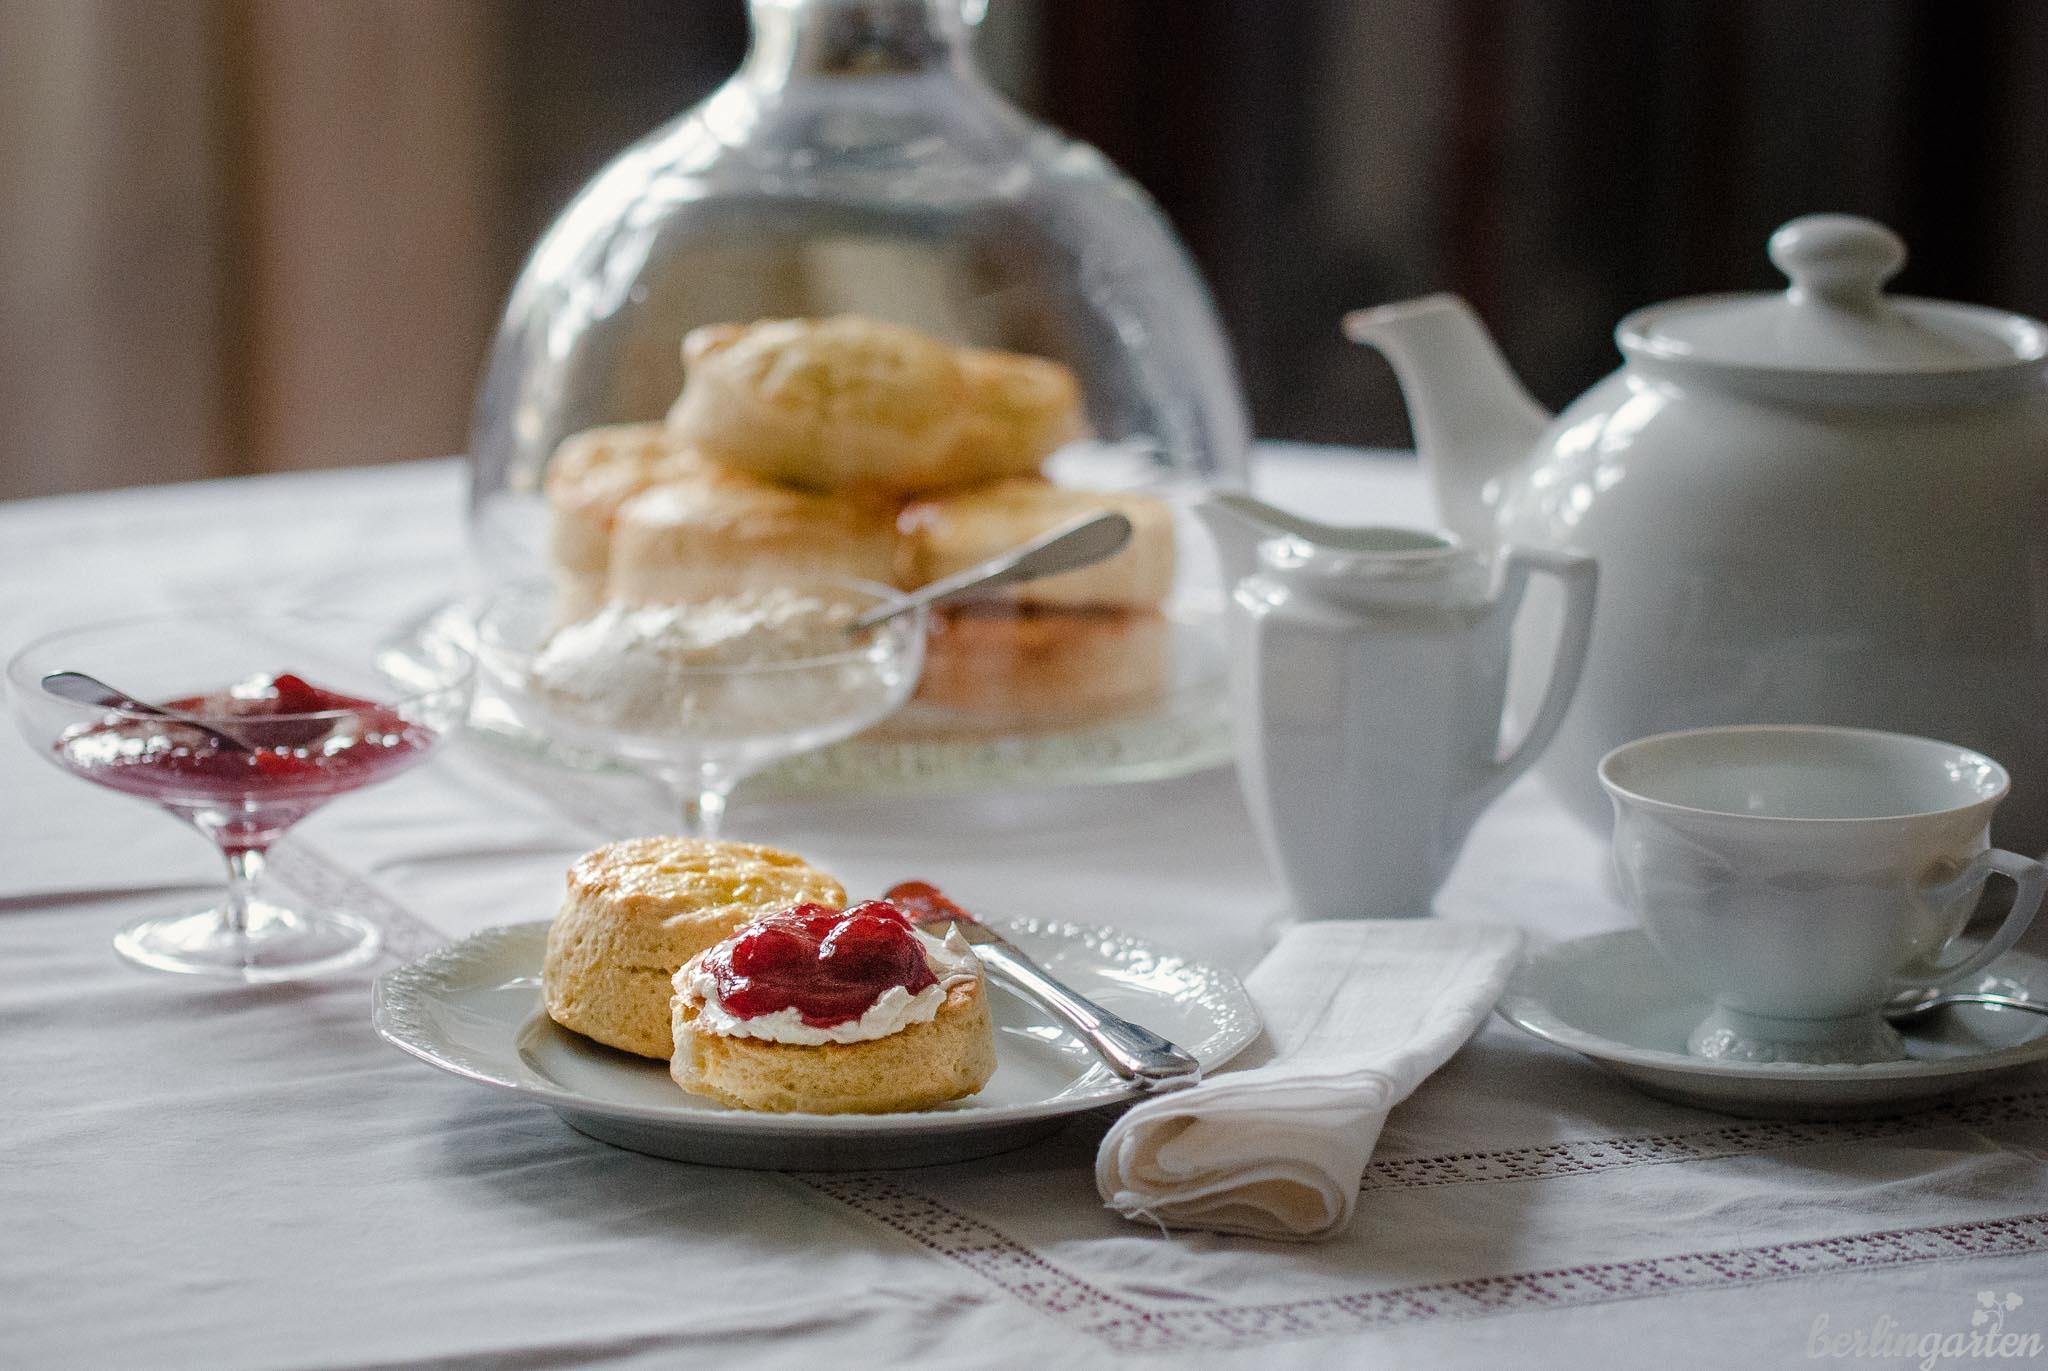 Rezept: Scones backen, Erdbeeren genießen, wie in England fühlen